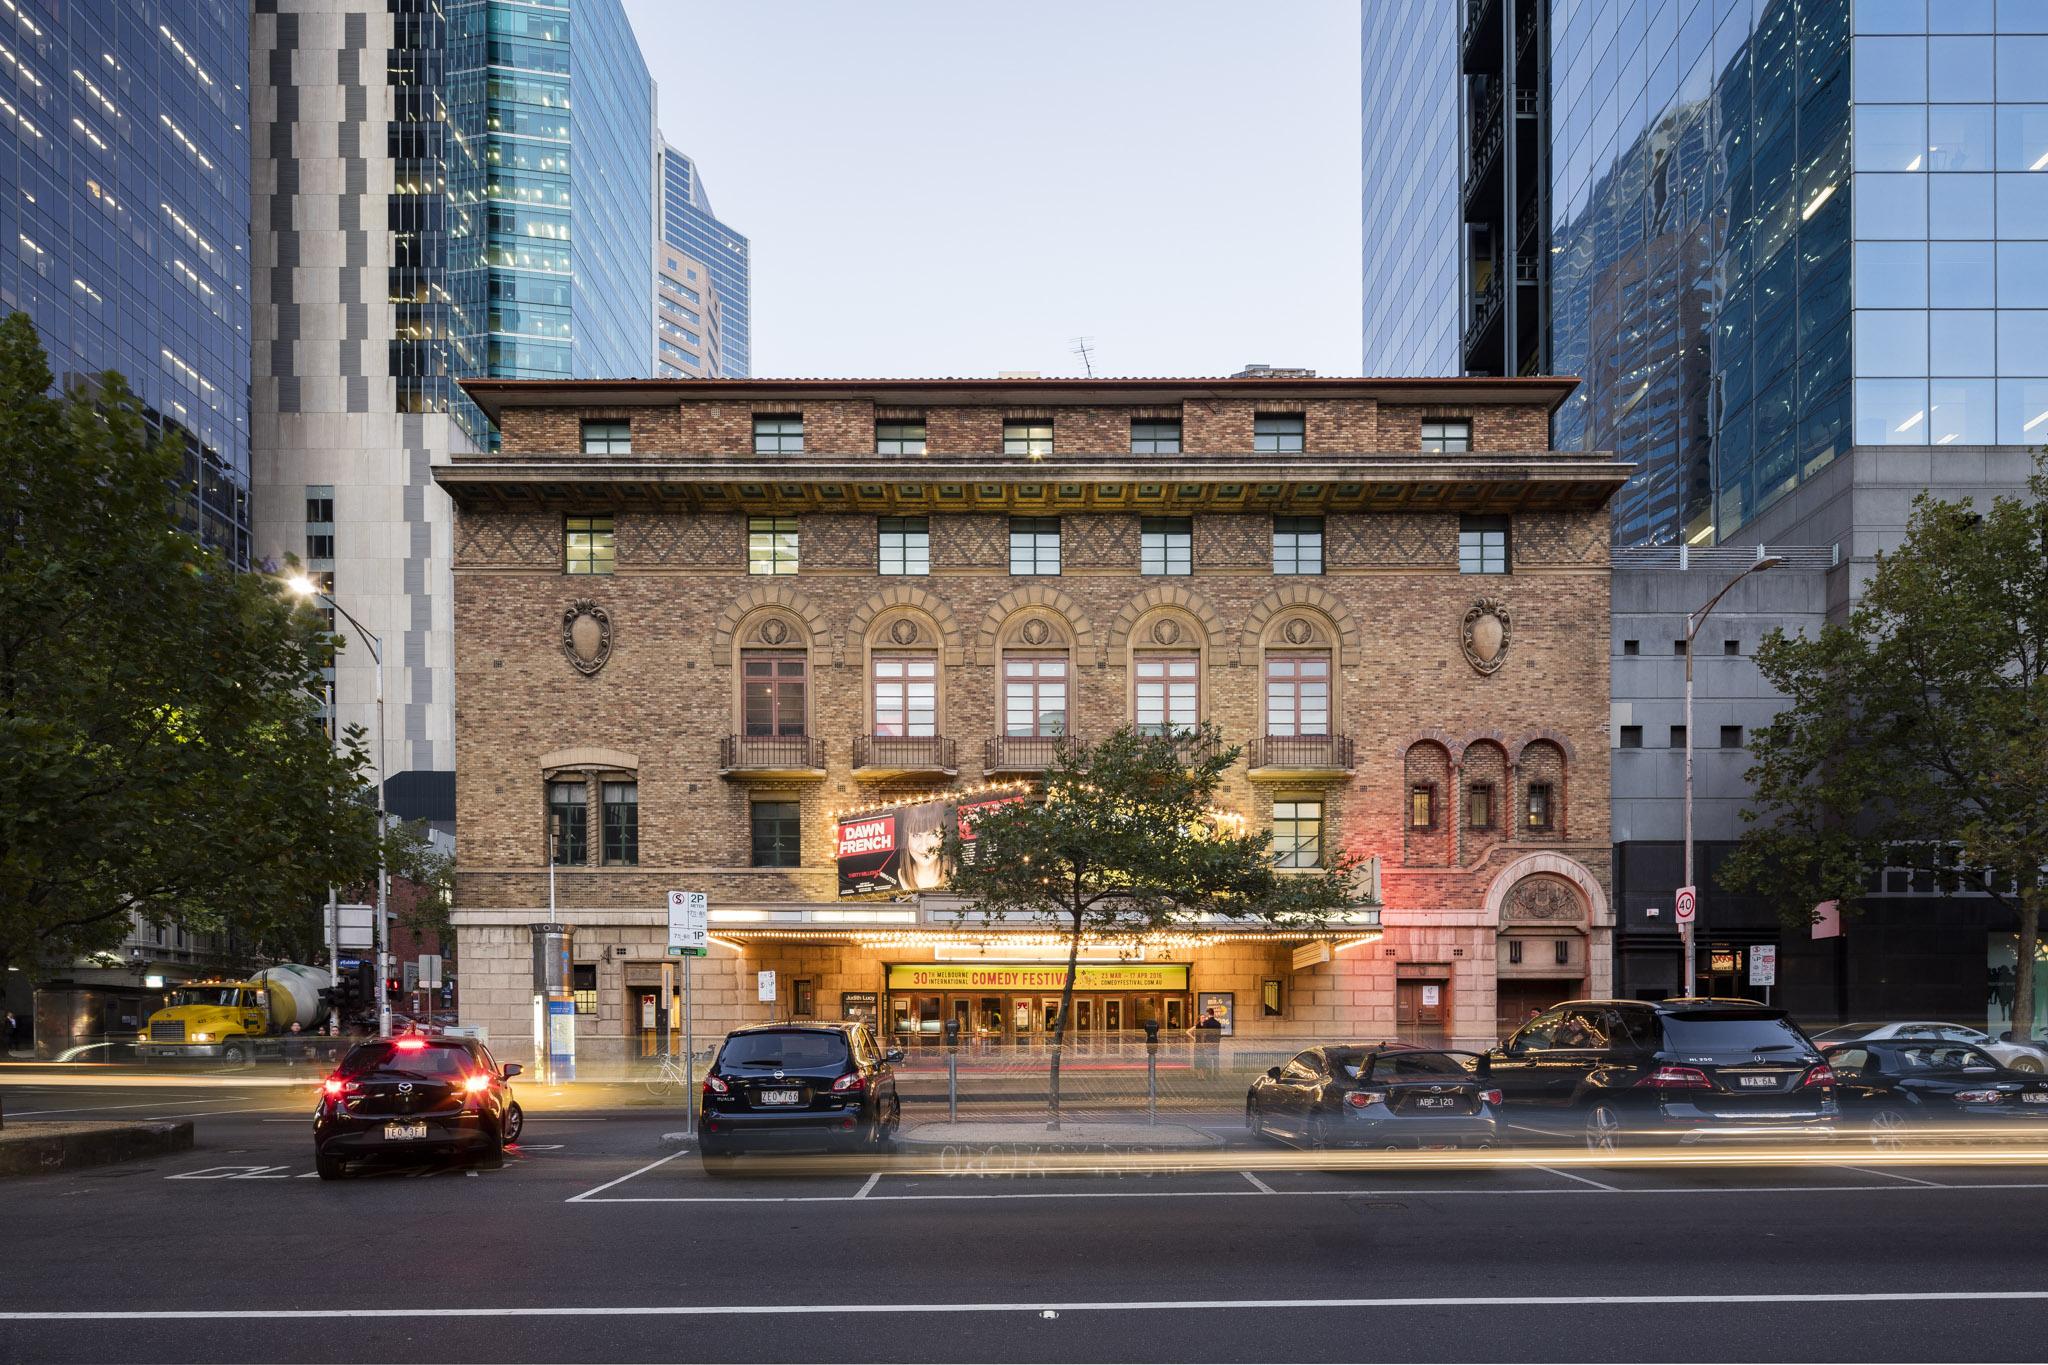 Melbourne Comedy Theatre